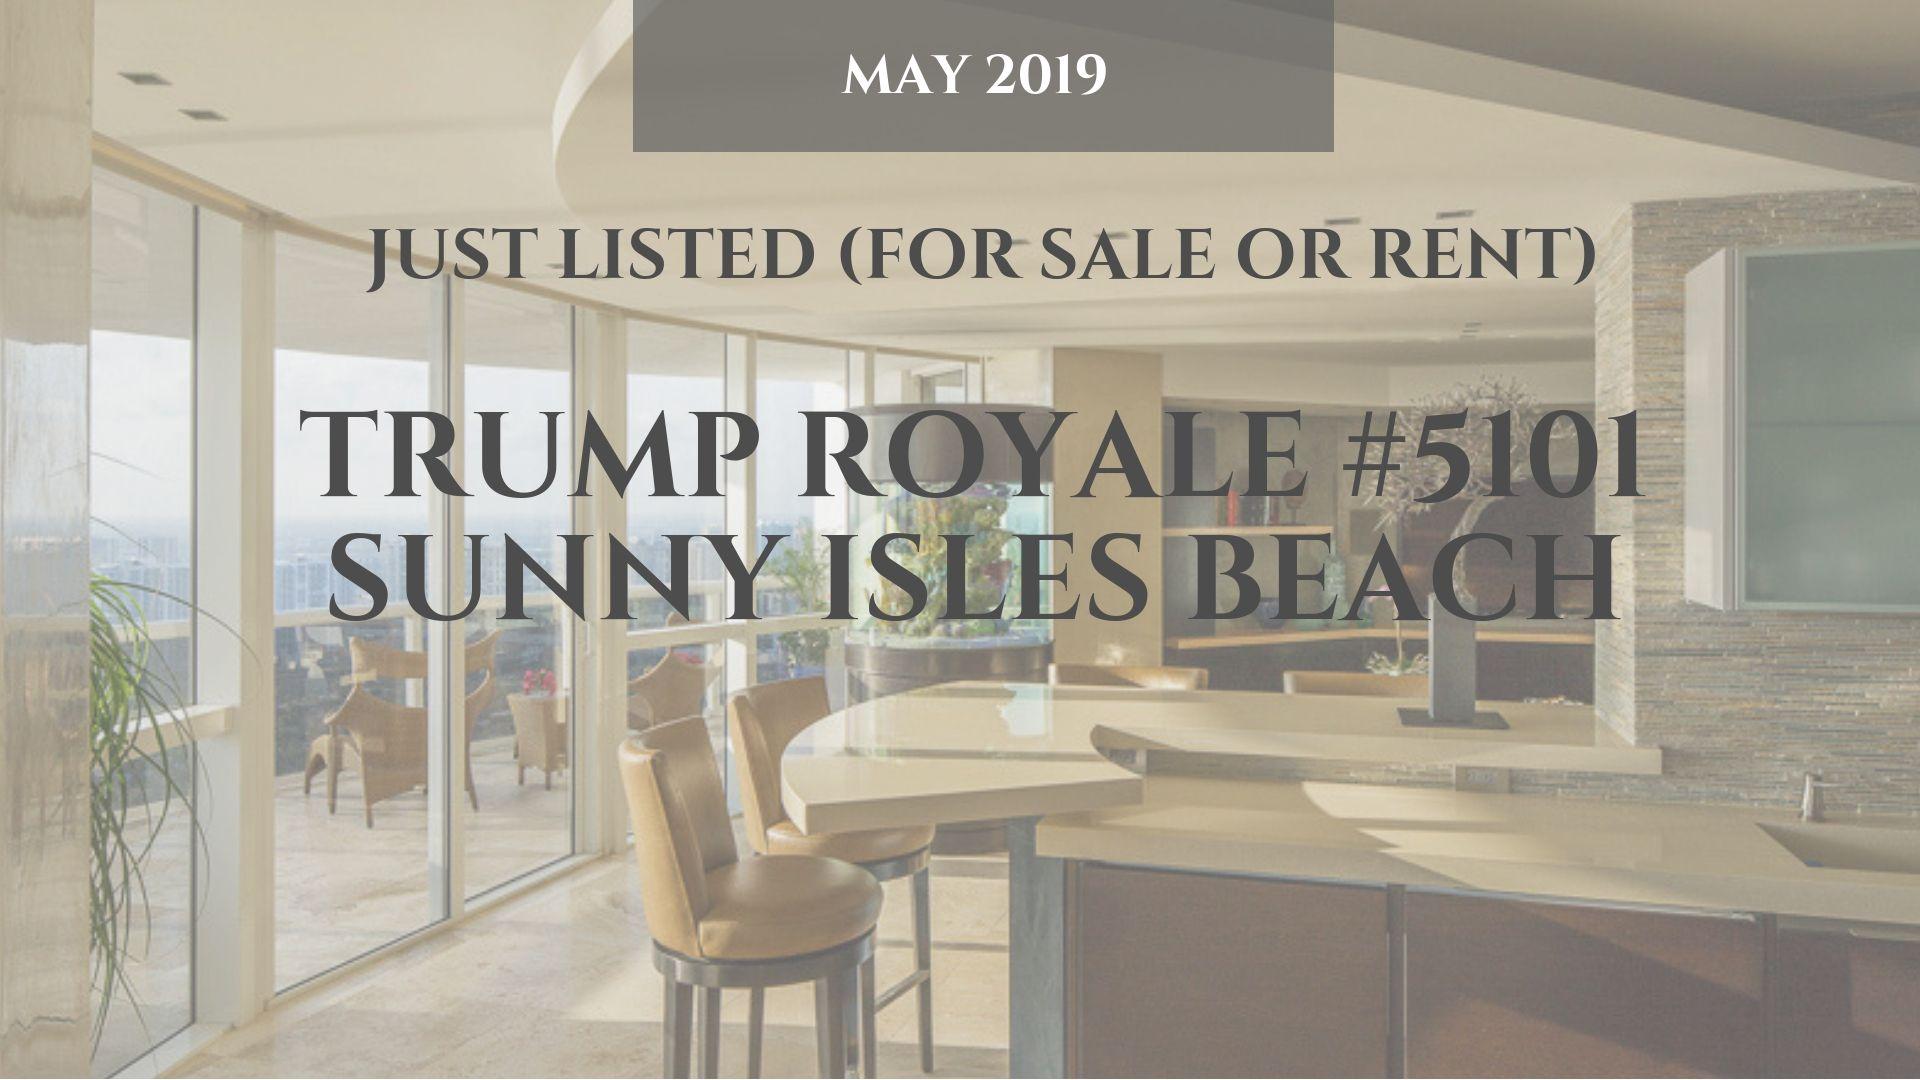 Trump Royale 5101 Sunny Isles Beach